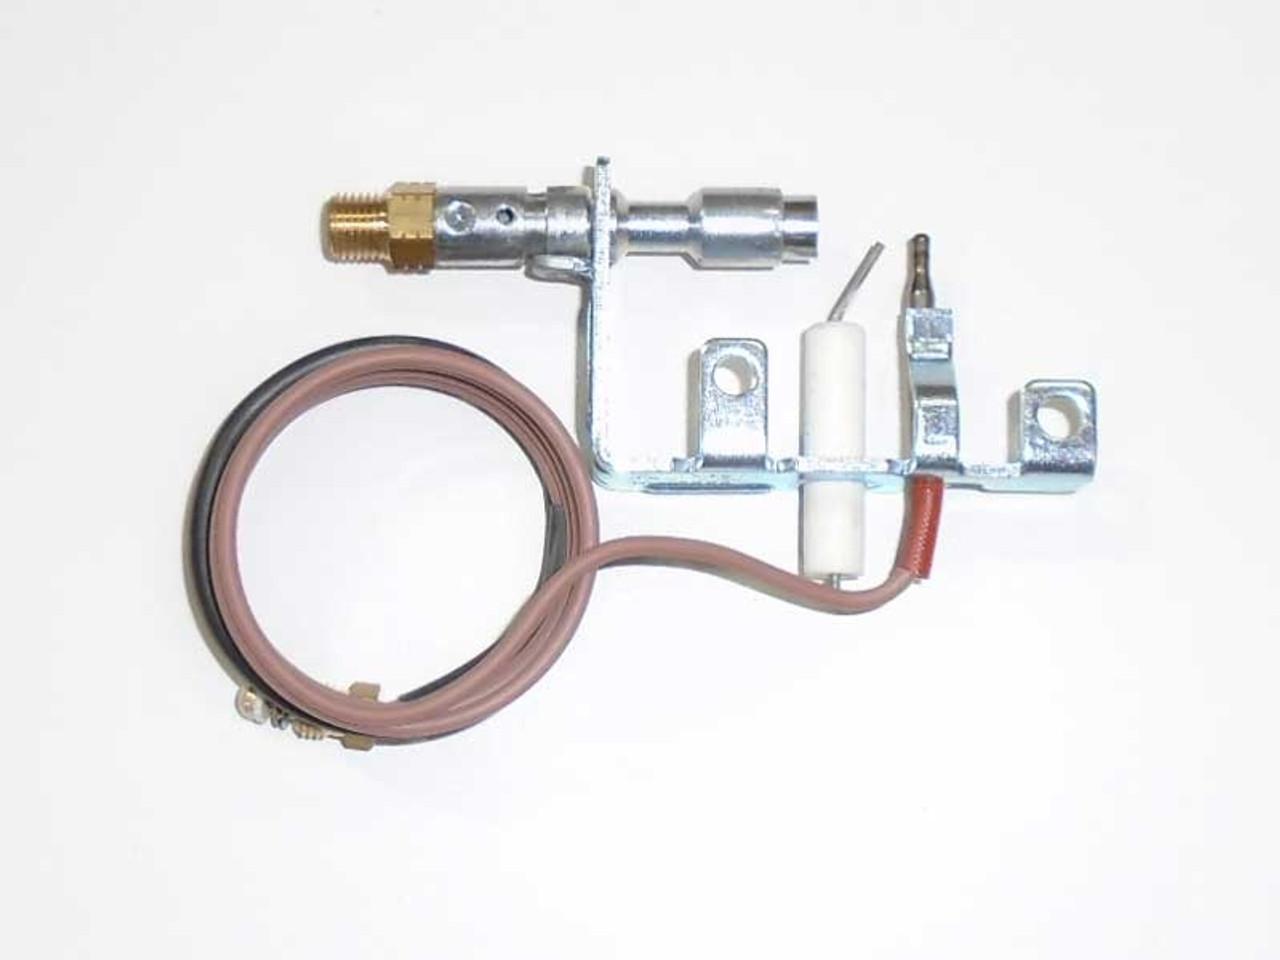 Fmi Gas Fireplace Ods Pilot Assembly Ng 104285 01